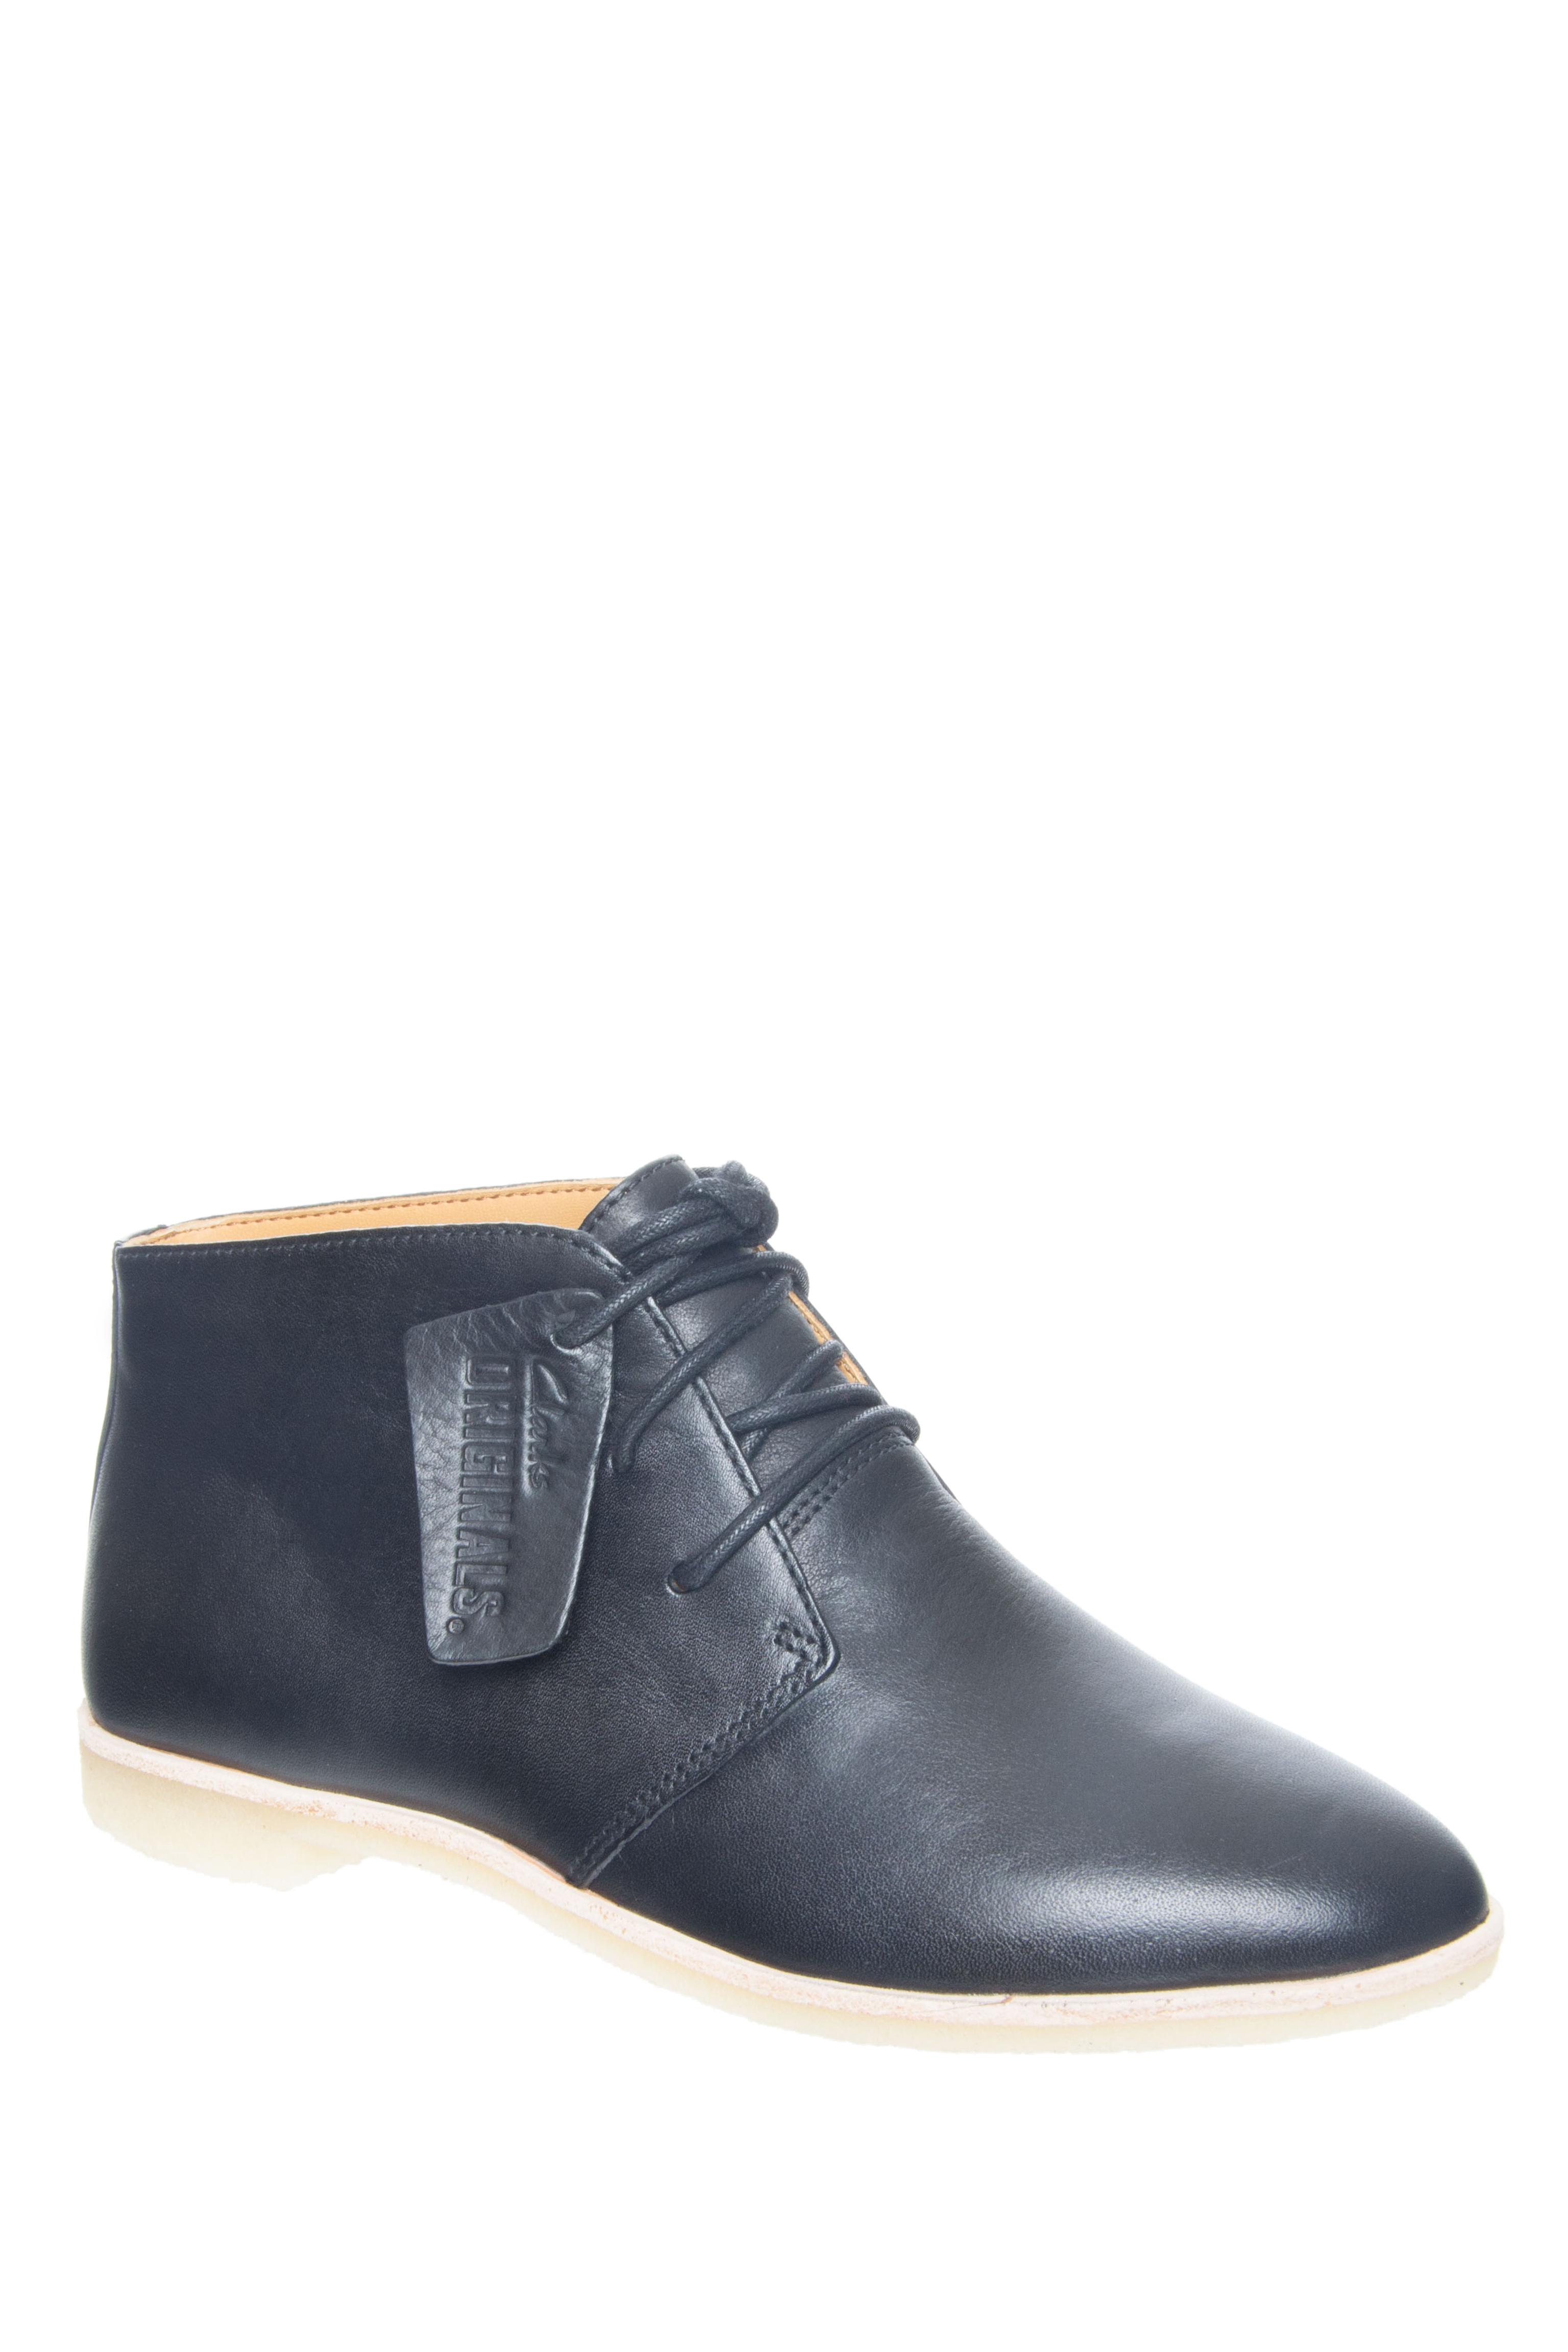 Clarks Phenia Desert Boots - Black